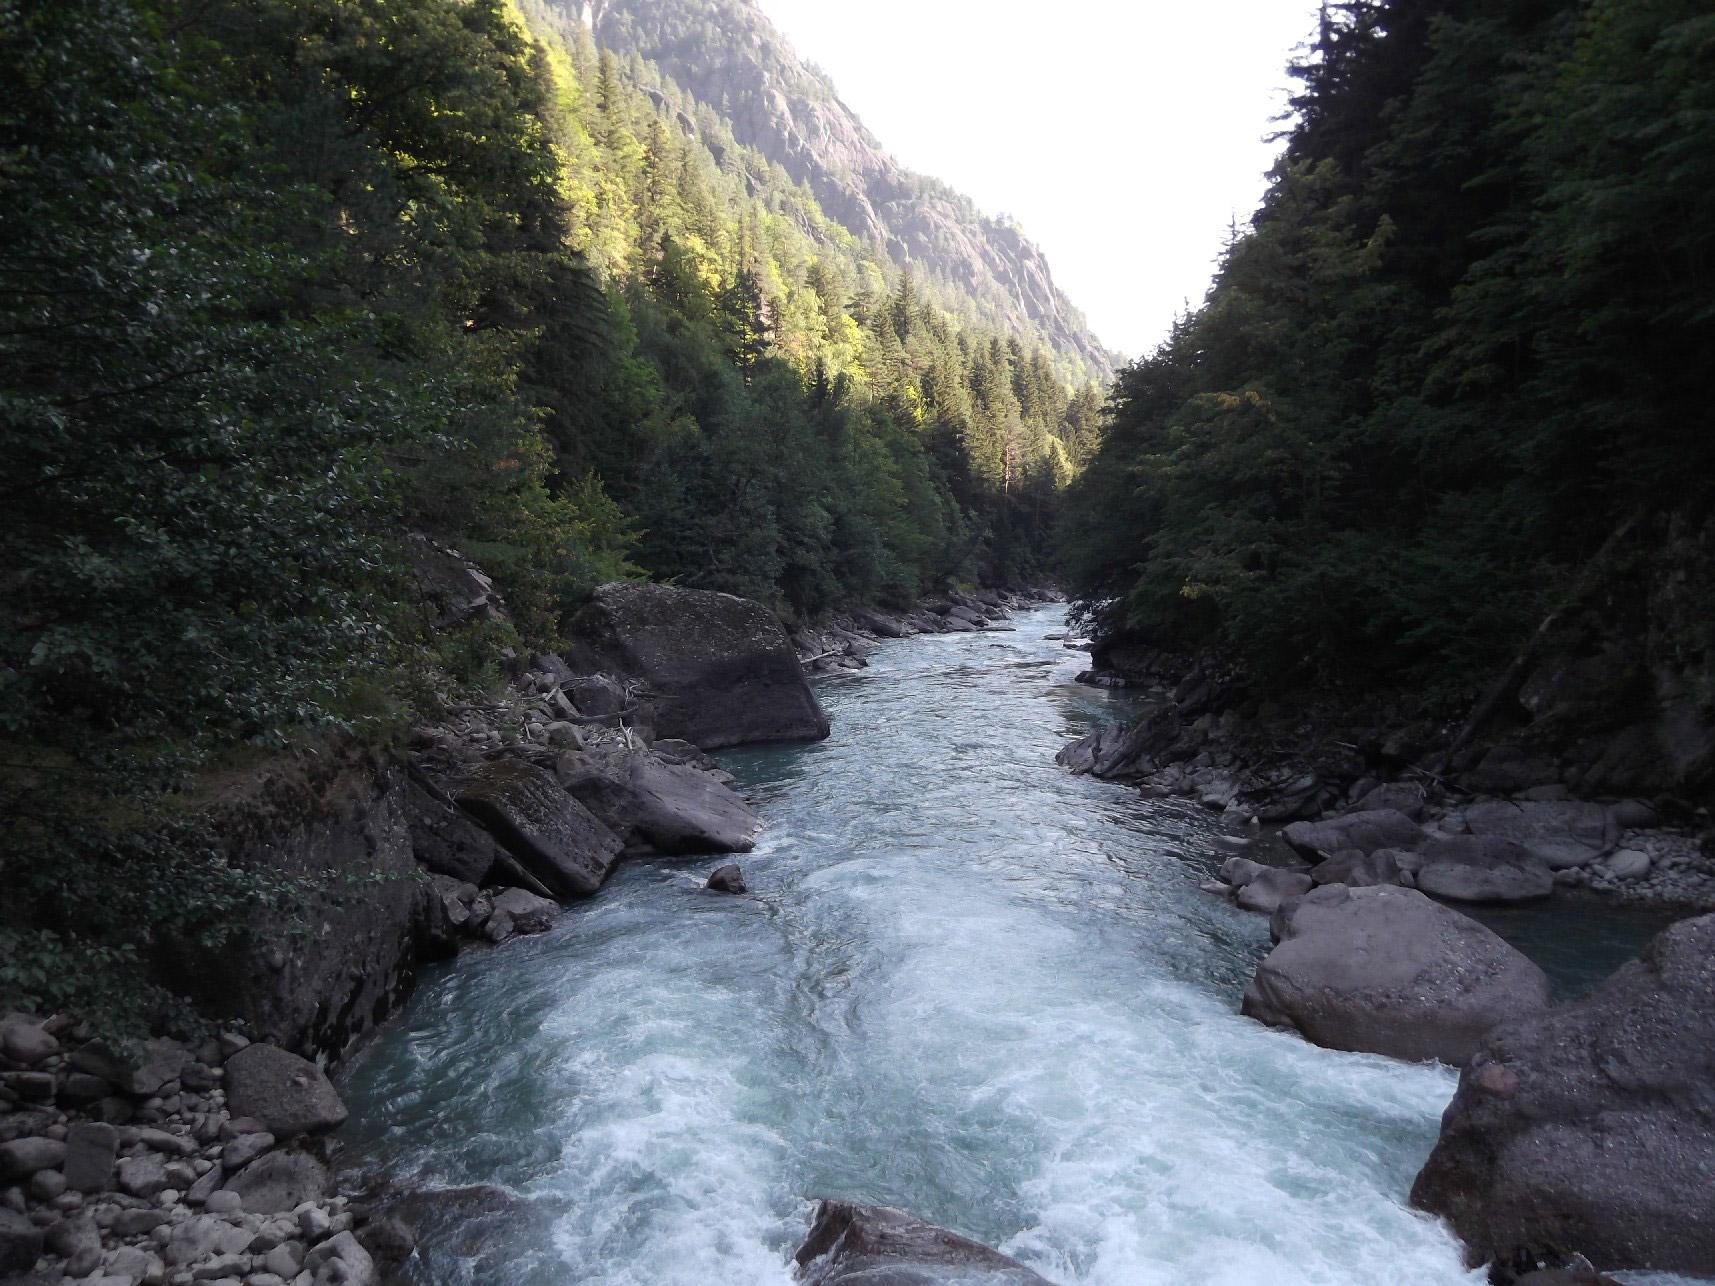 Река Большая Лаба, вдоль неё идёт весь путь, рядом с ней находятся кислые источники